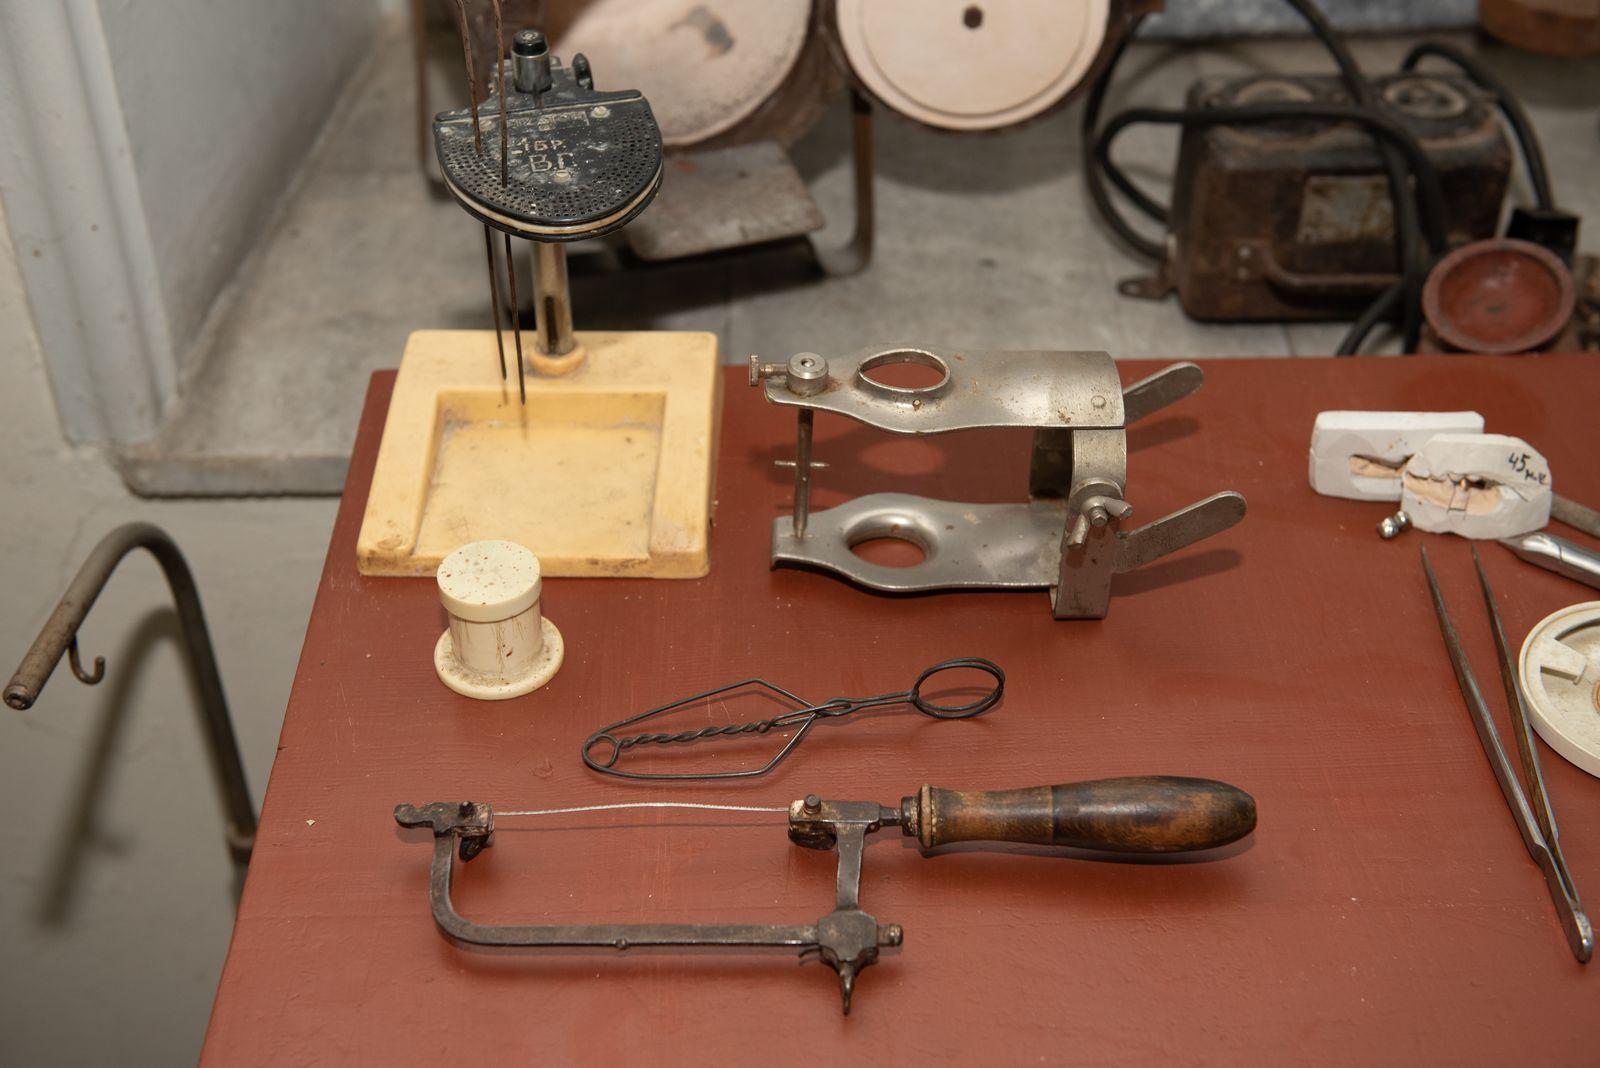 Muzei299_Зъботехнически личен инструментариум – щипка и чашка с молдин за работа по метода Хербст Адапта, лъкче с трионче, пинсета и оклудатор